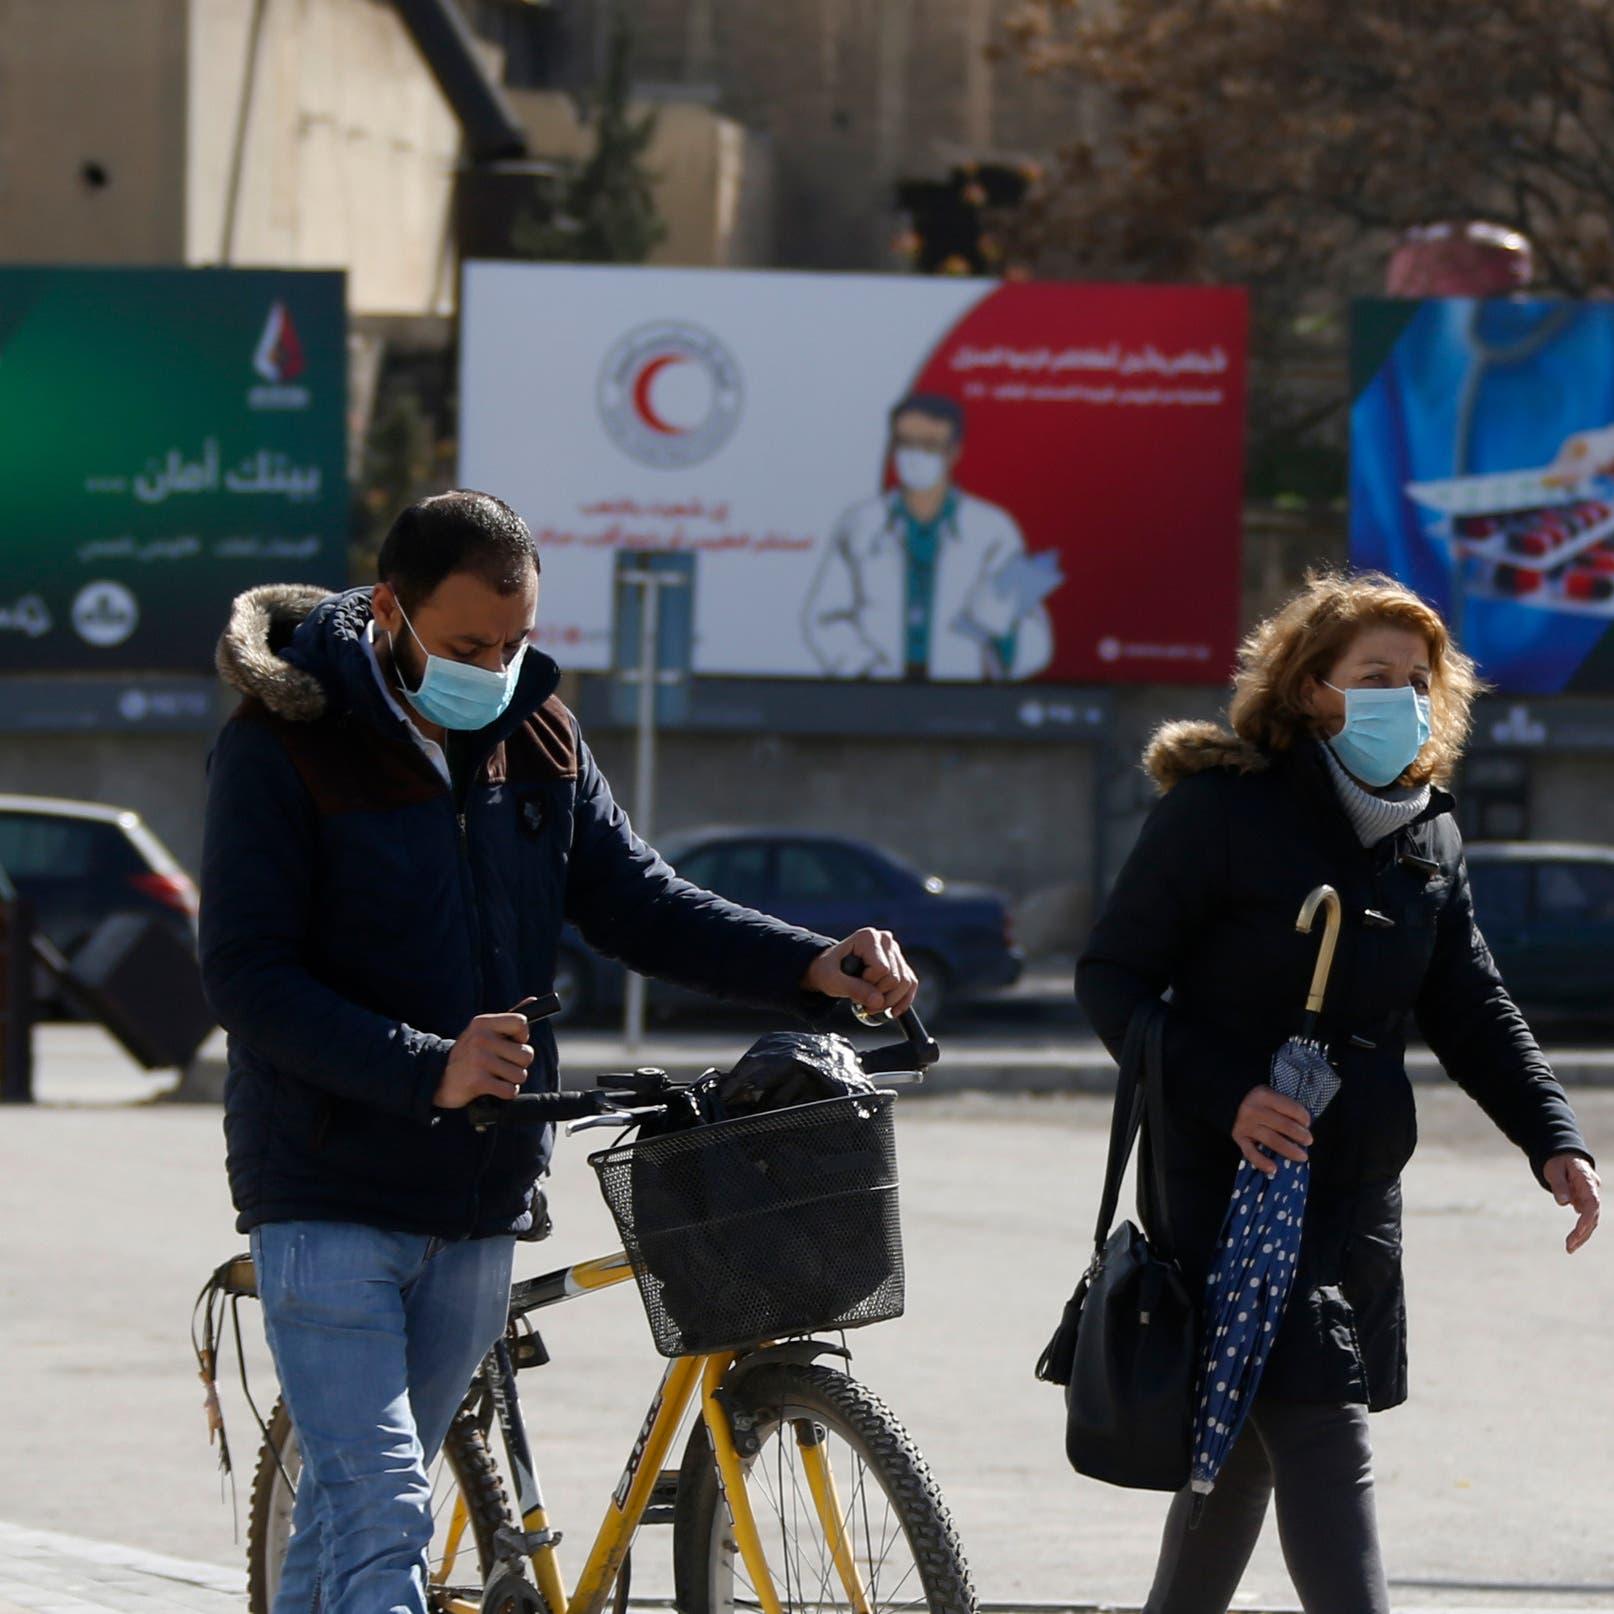 روسيا تؤكد تسجيل 19 إصابة بفيروس كورونا في سوريا